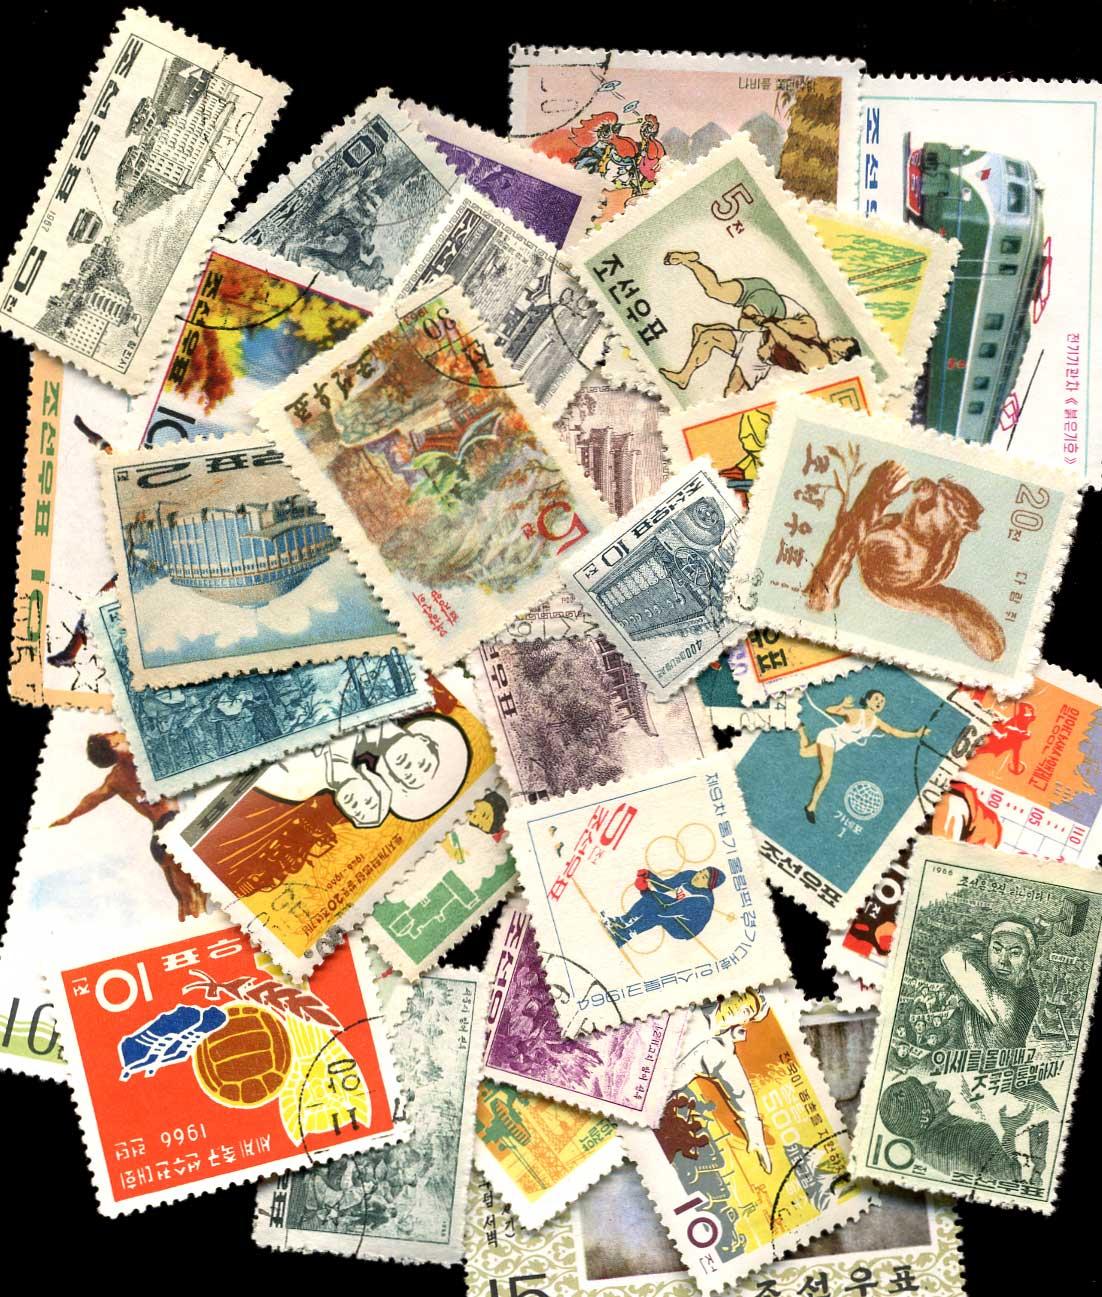 Продать открытку марку, картинки